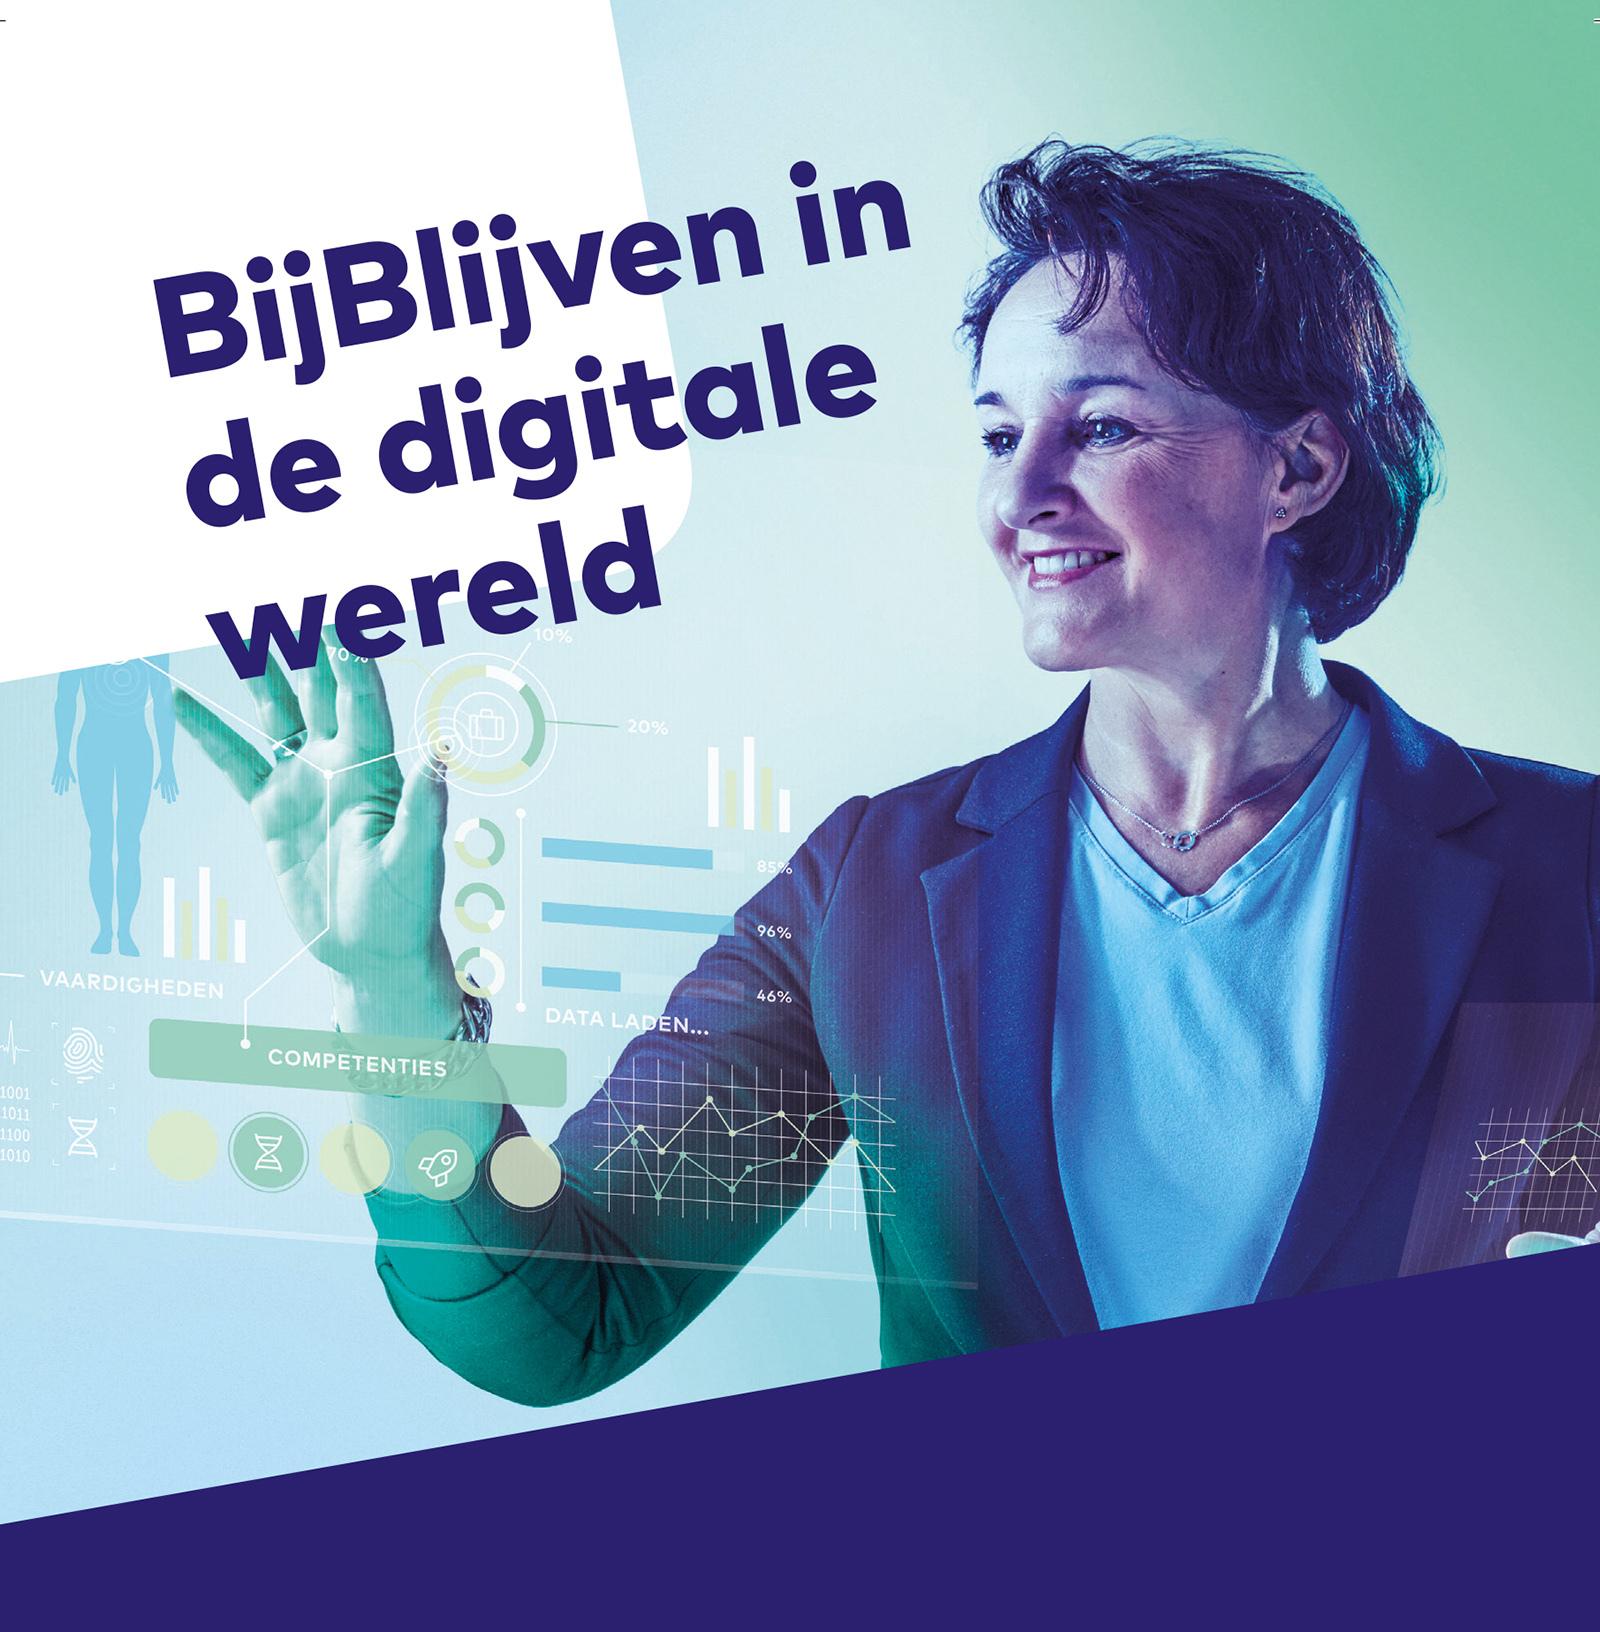 BijBlijven-Digiduurzaam-Digitale-Transformatie-1600